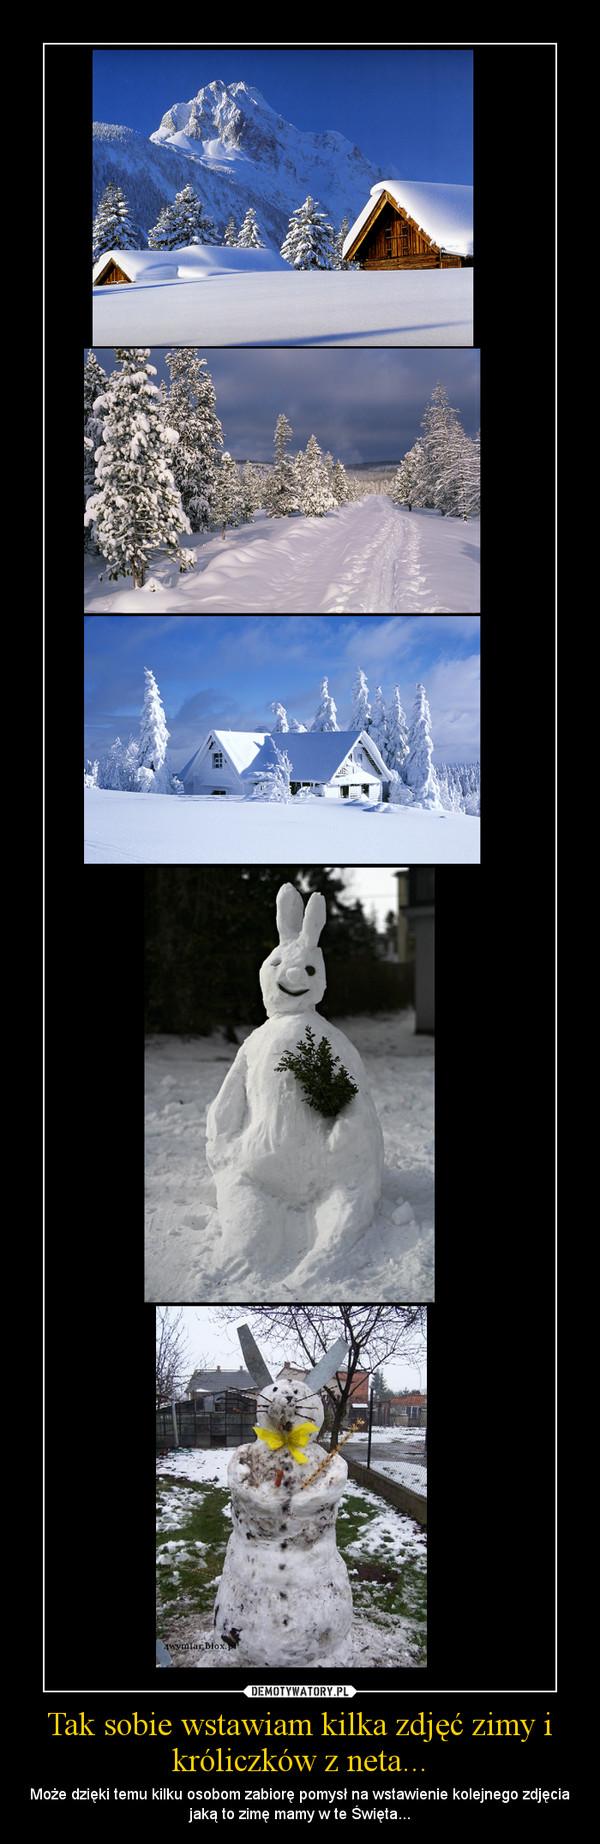 Tak sobie wstawiam kilka zdjęć zimy i króliczków z neta... – Może dzięki temu kilku osobom zabiorę pomysł na wstawienie kolejnego zdjęcia jaką to zimę mamy w te Święta...